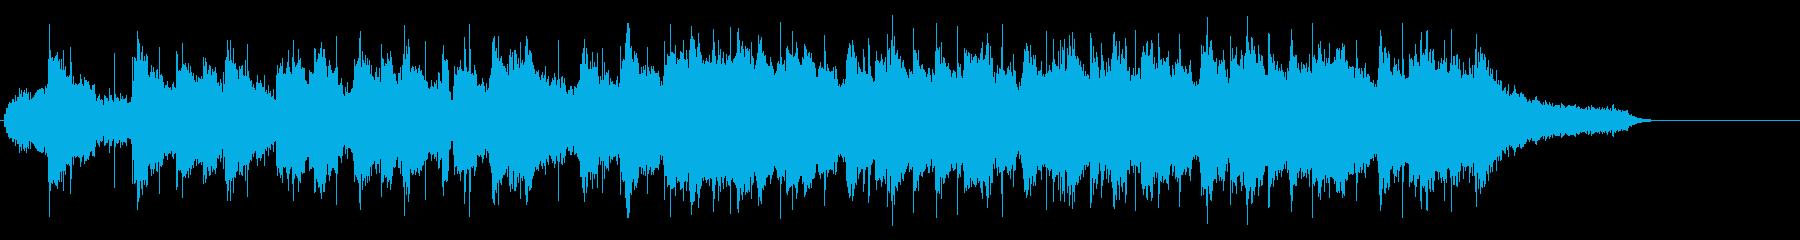 メロディアスでつつましいバラードの再生済みの波形